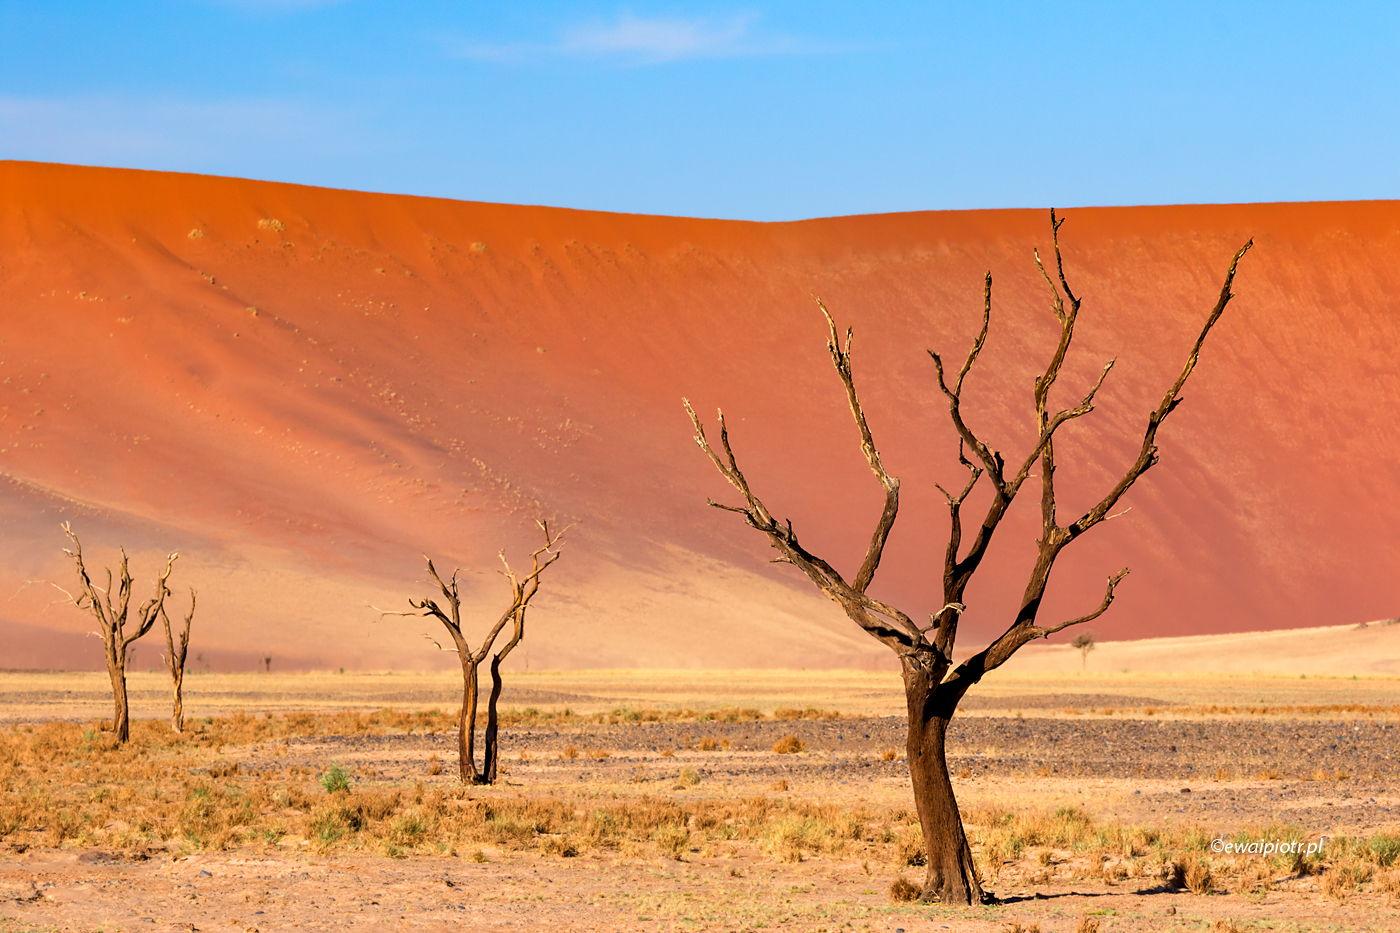 Drzewa pustyni Namib, zoom nożny, perspektywa a wielkość